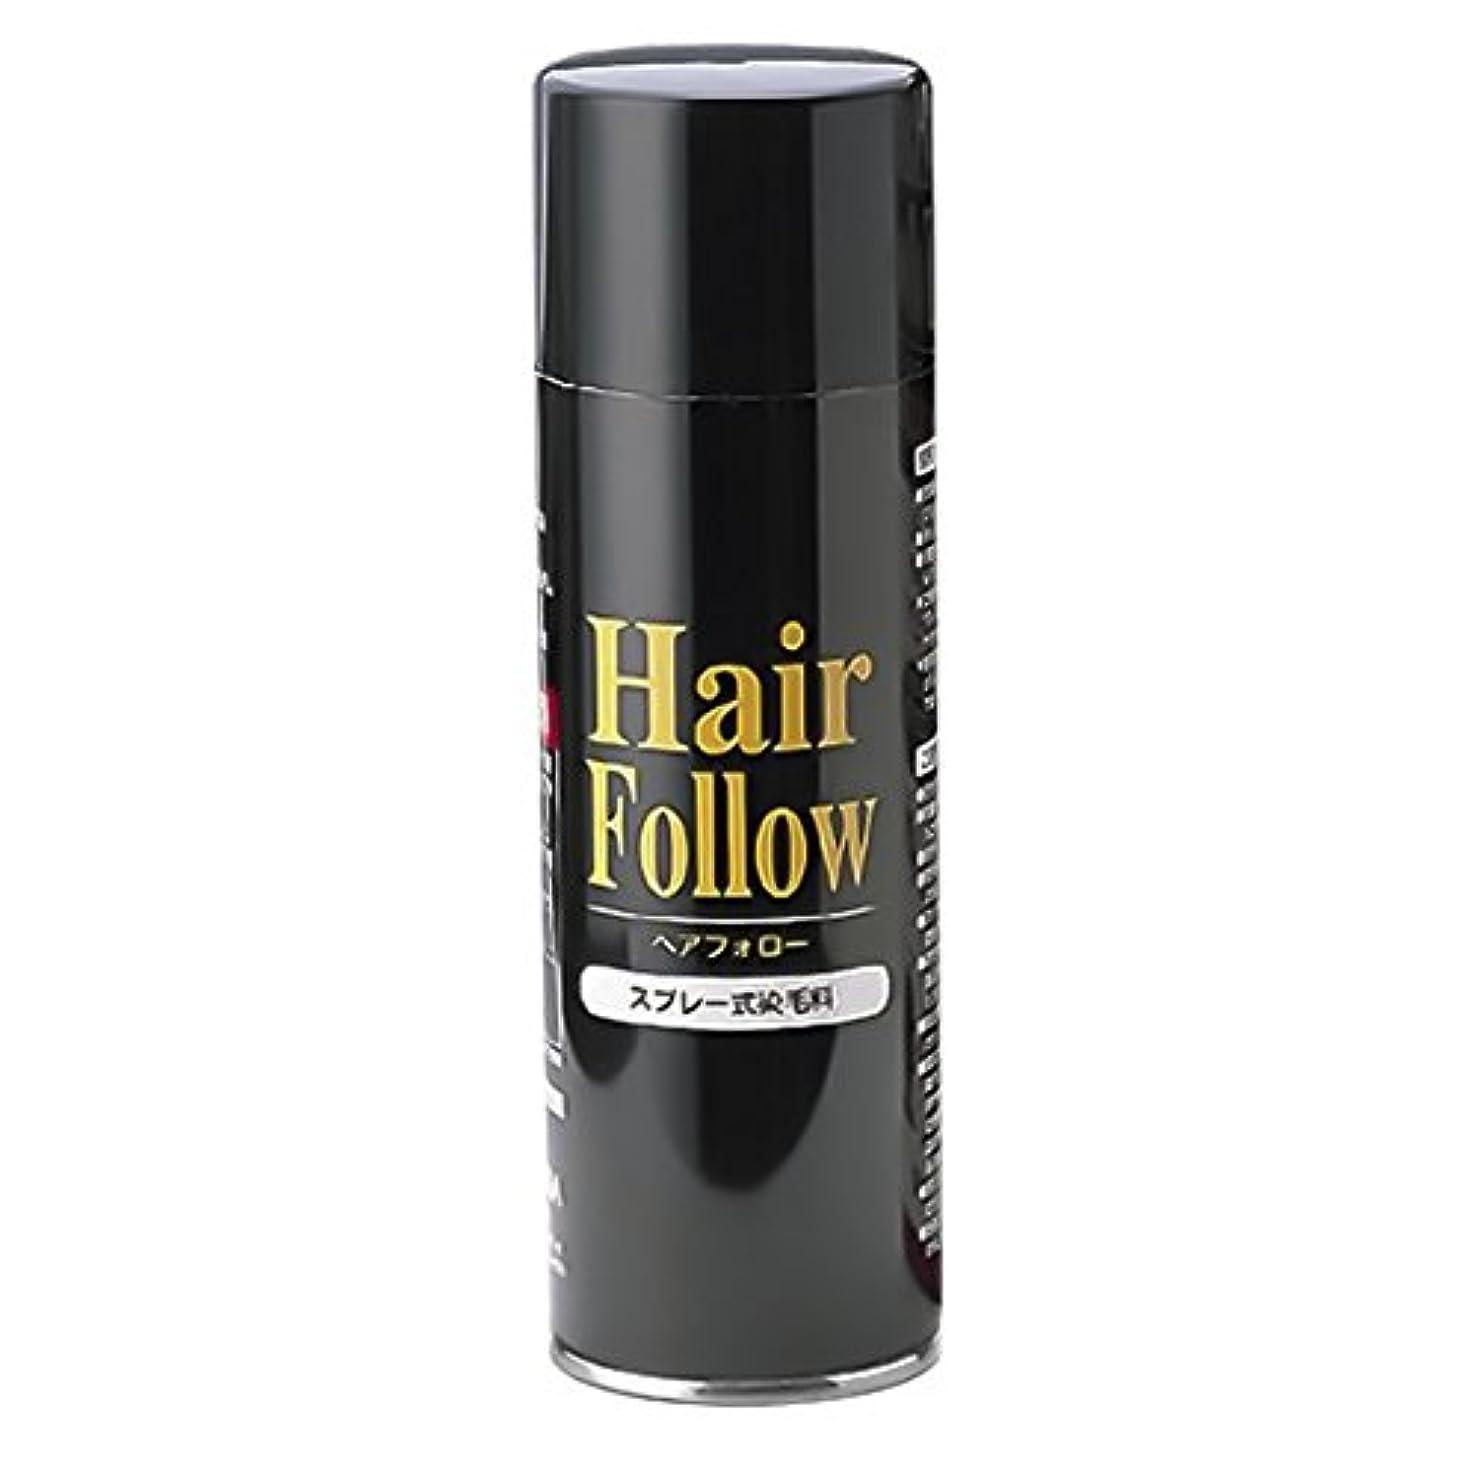 お手伝いさん魔法割り当てる薄毛スプレー ヘアフォロー HairFollow ブラック 150g